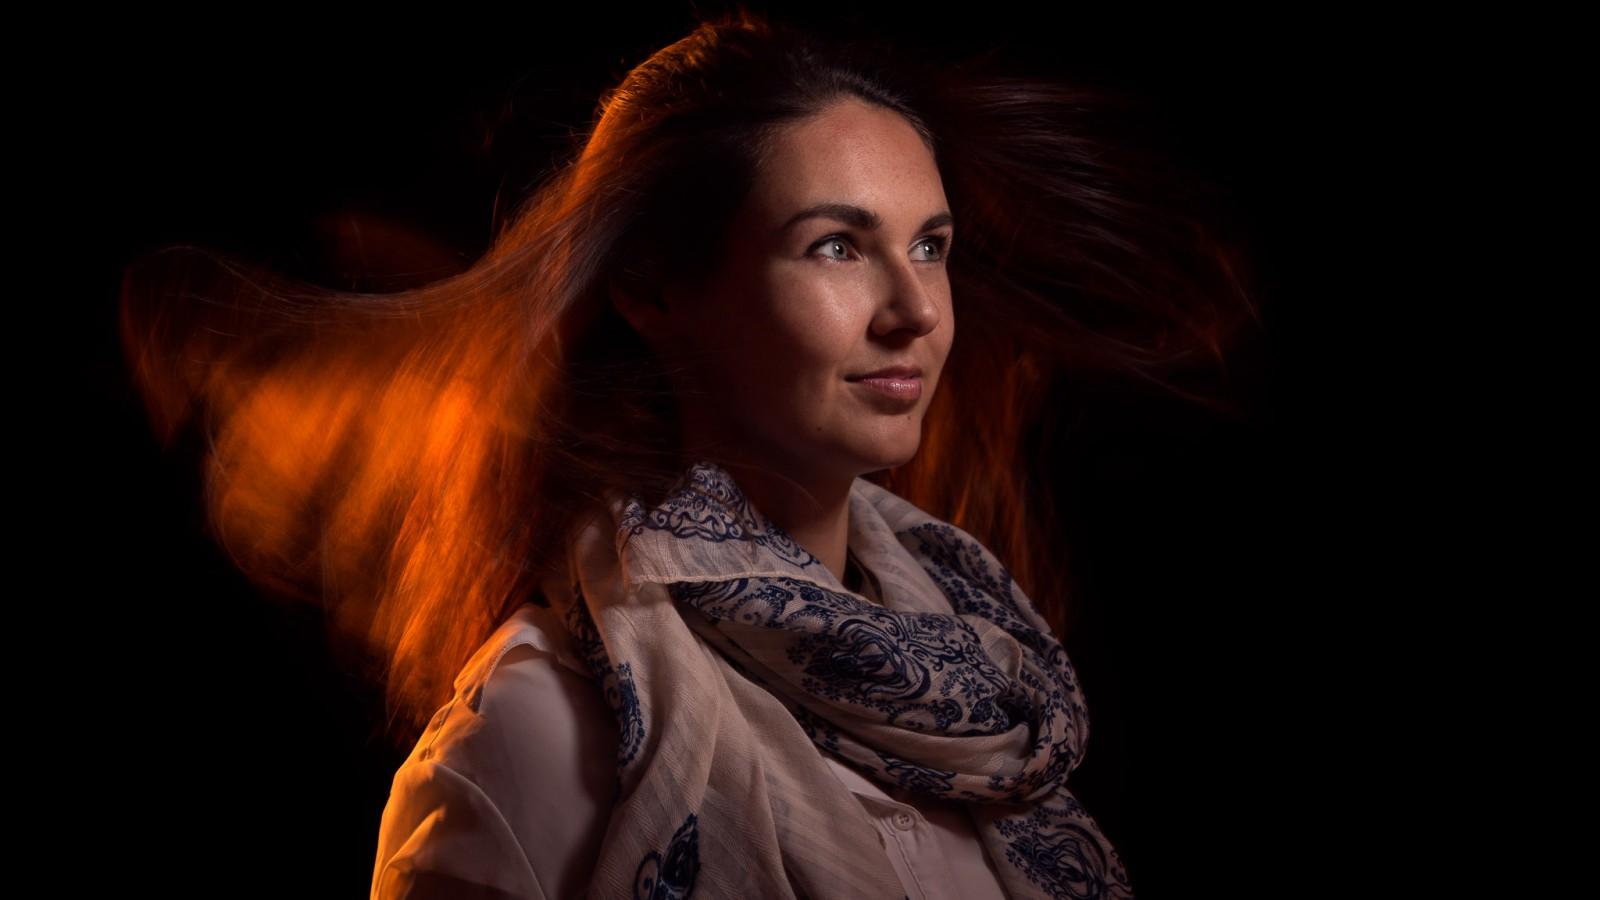 Justin Van Leeuwen Portrait Photographer